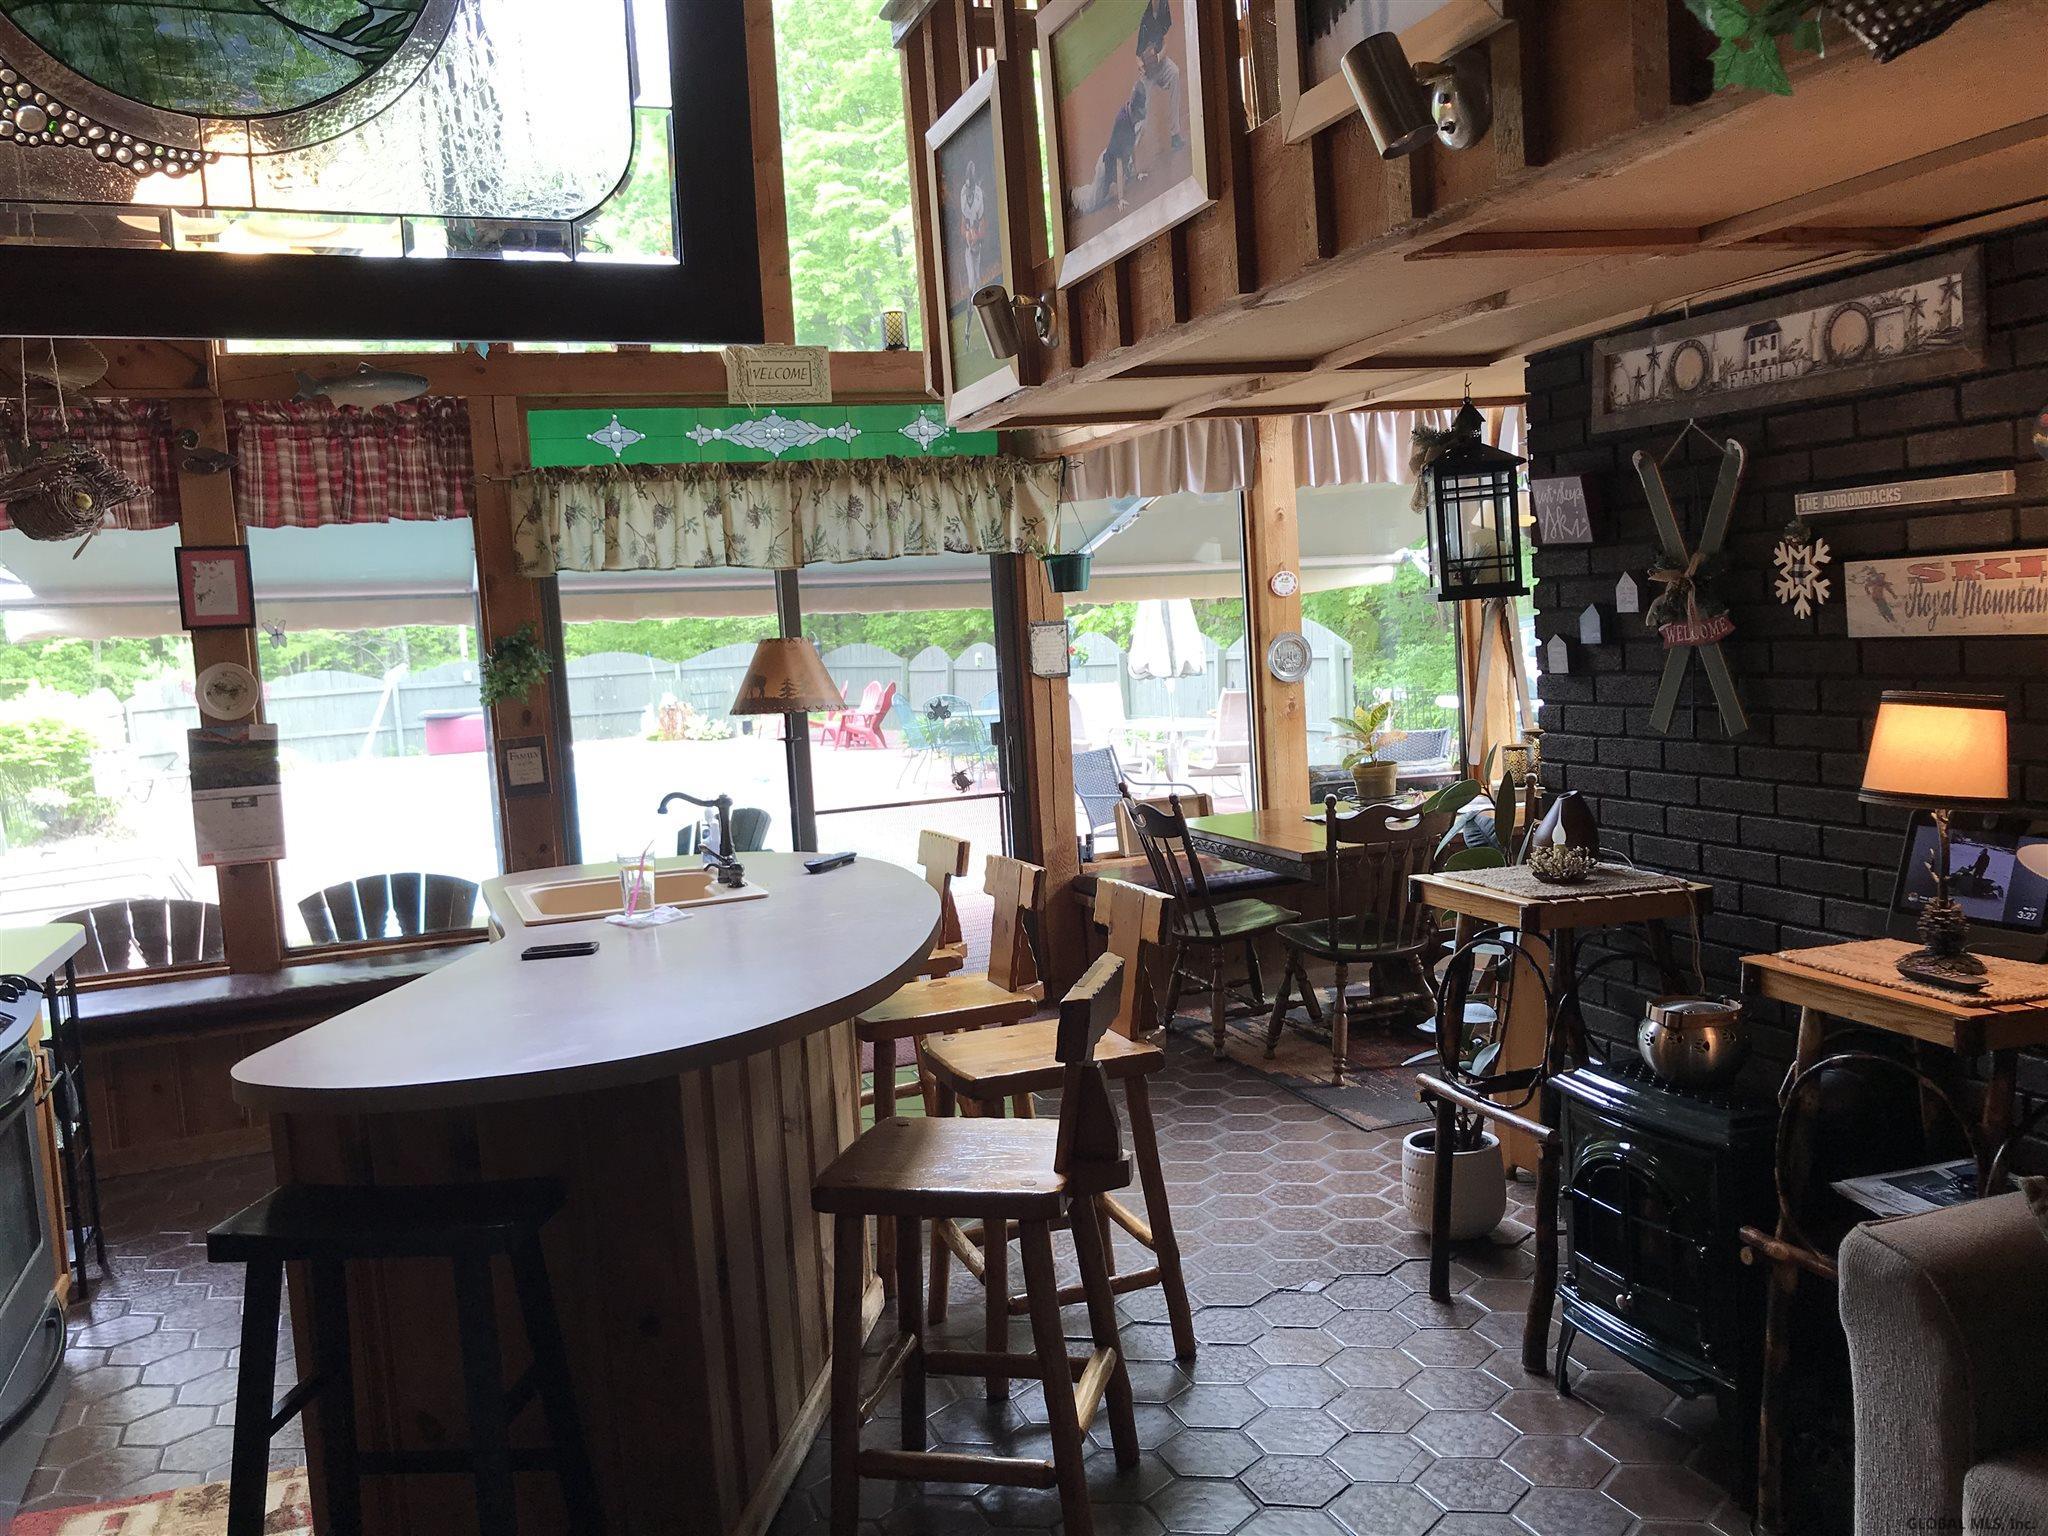 Gloversville image 49